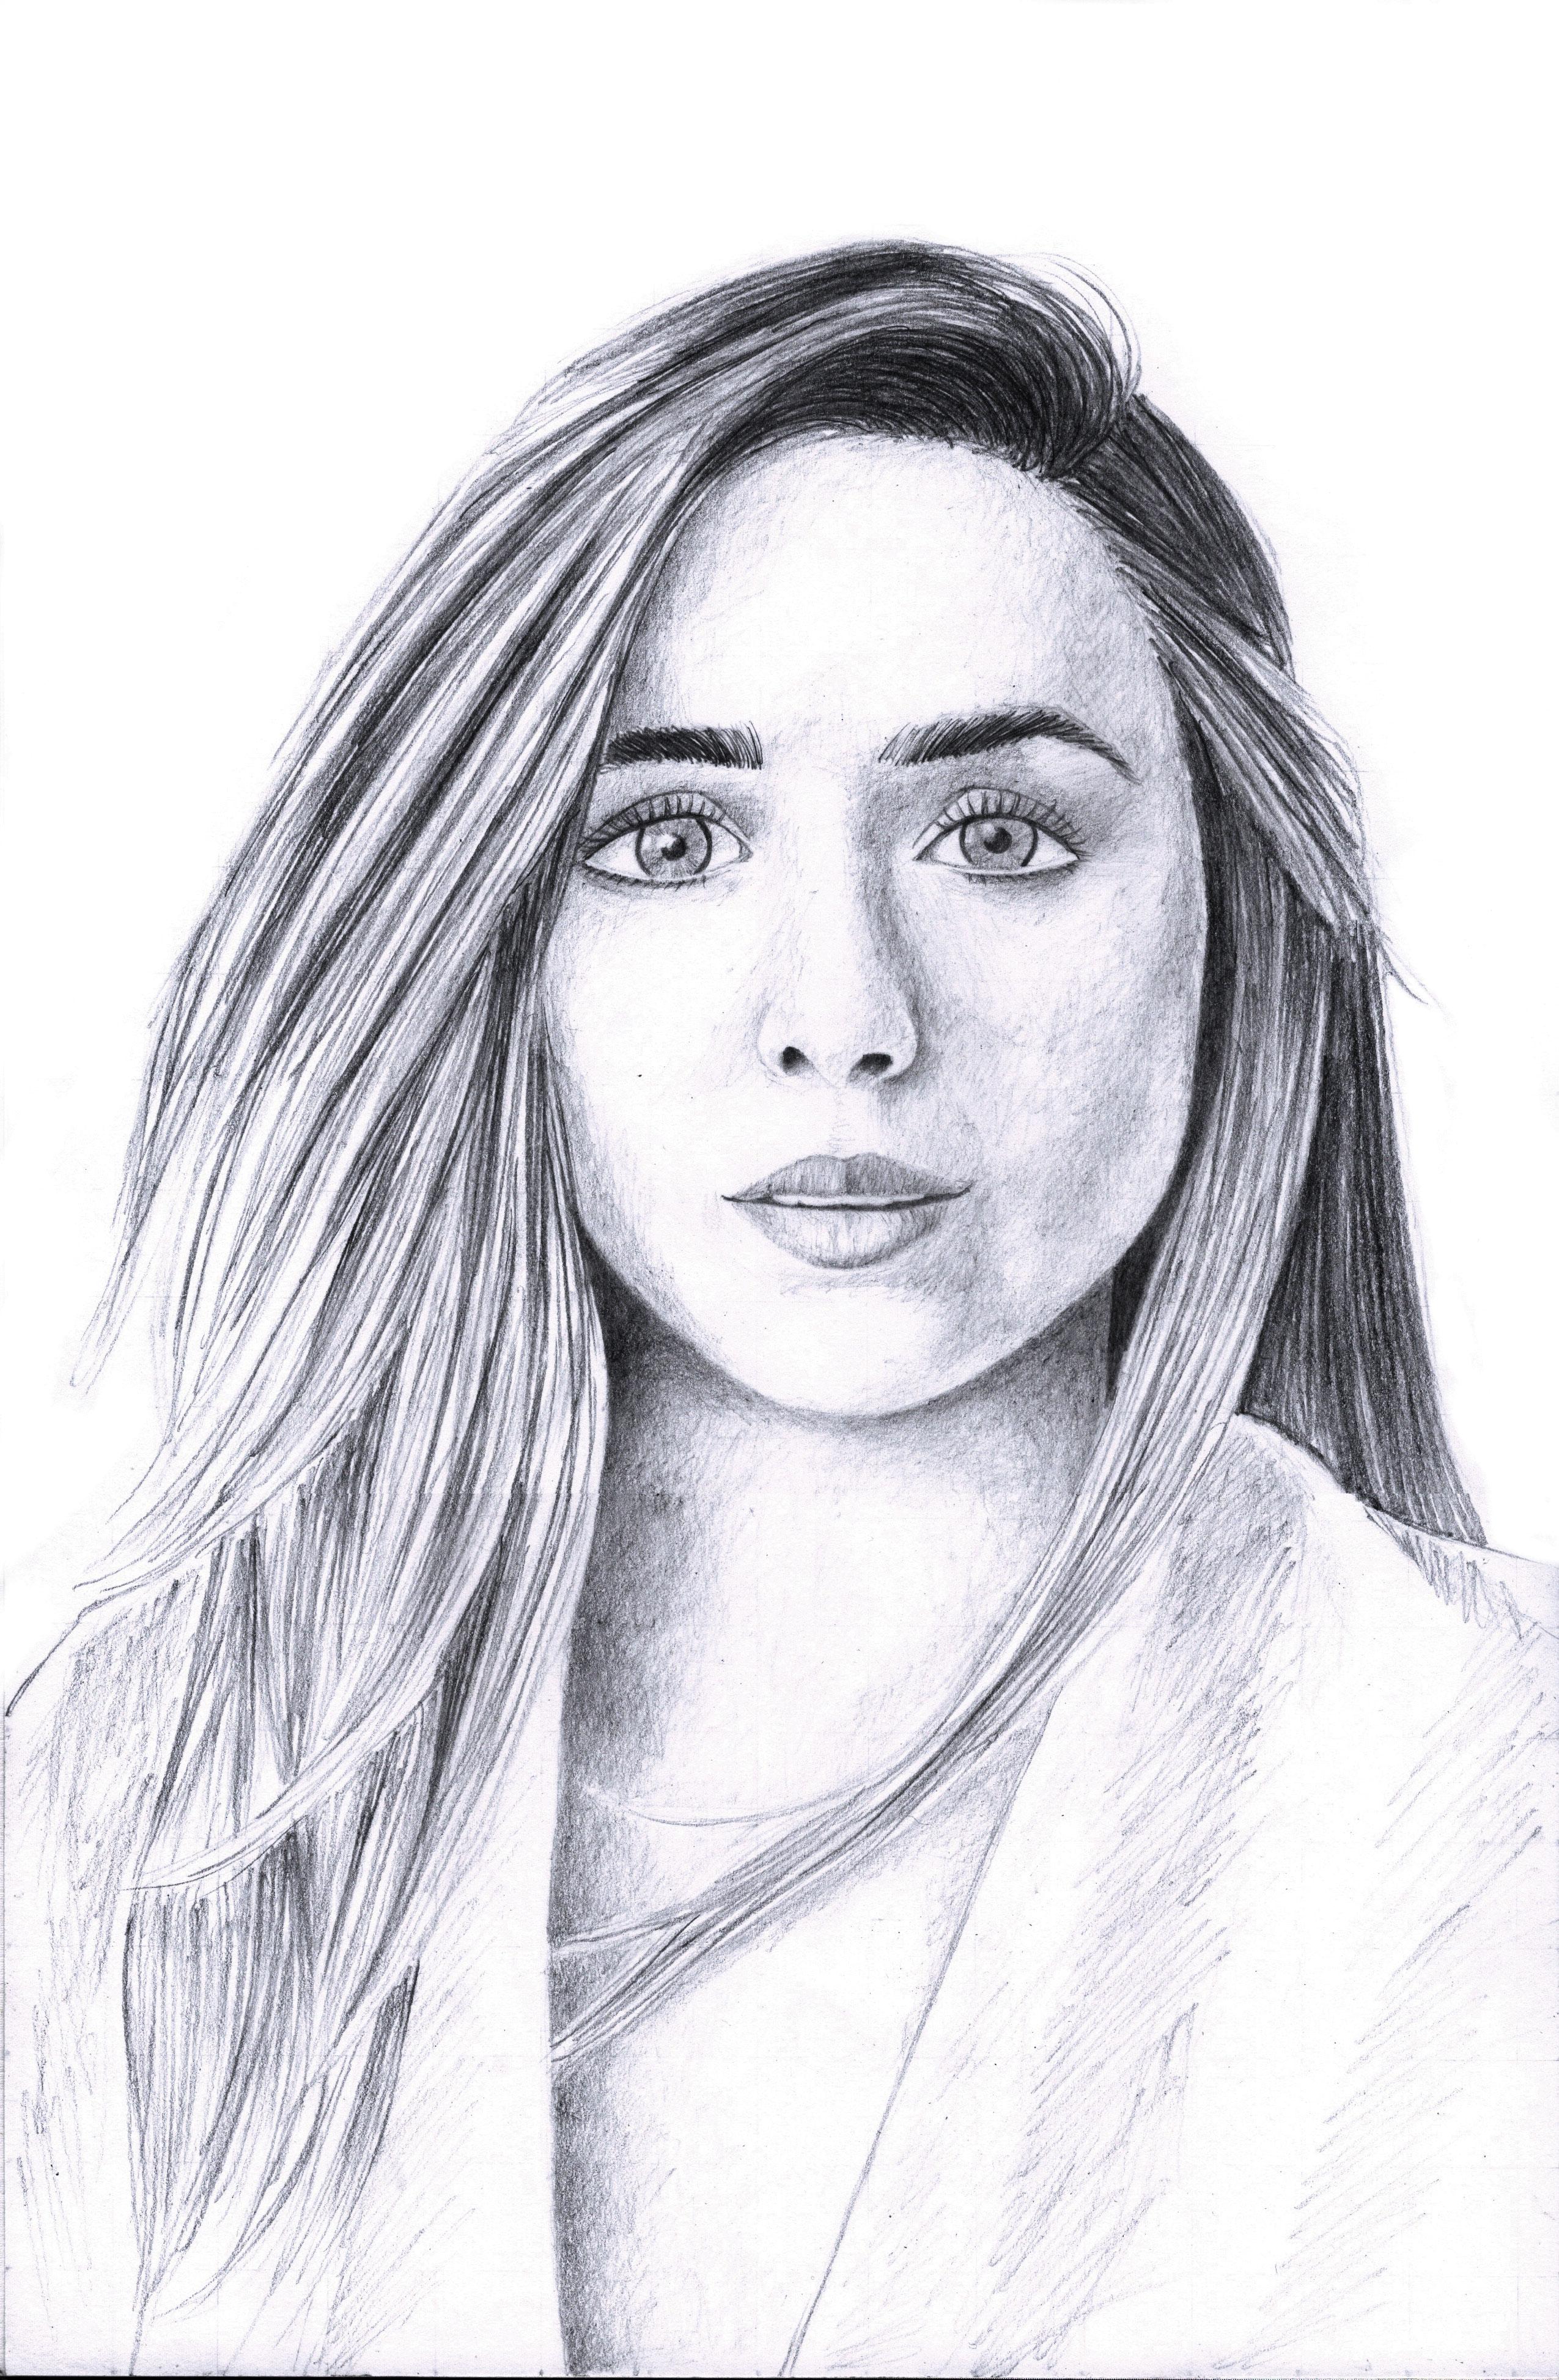 Ilustración-estudio-retrato-29--.jpg